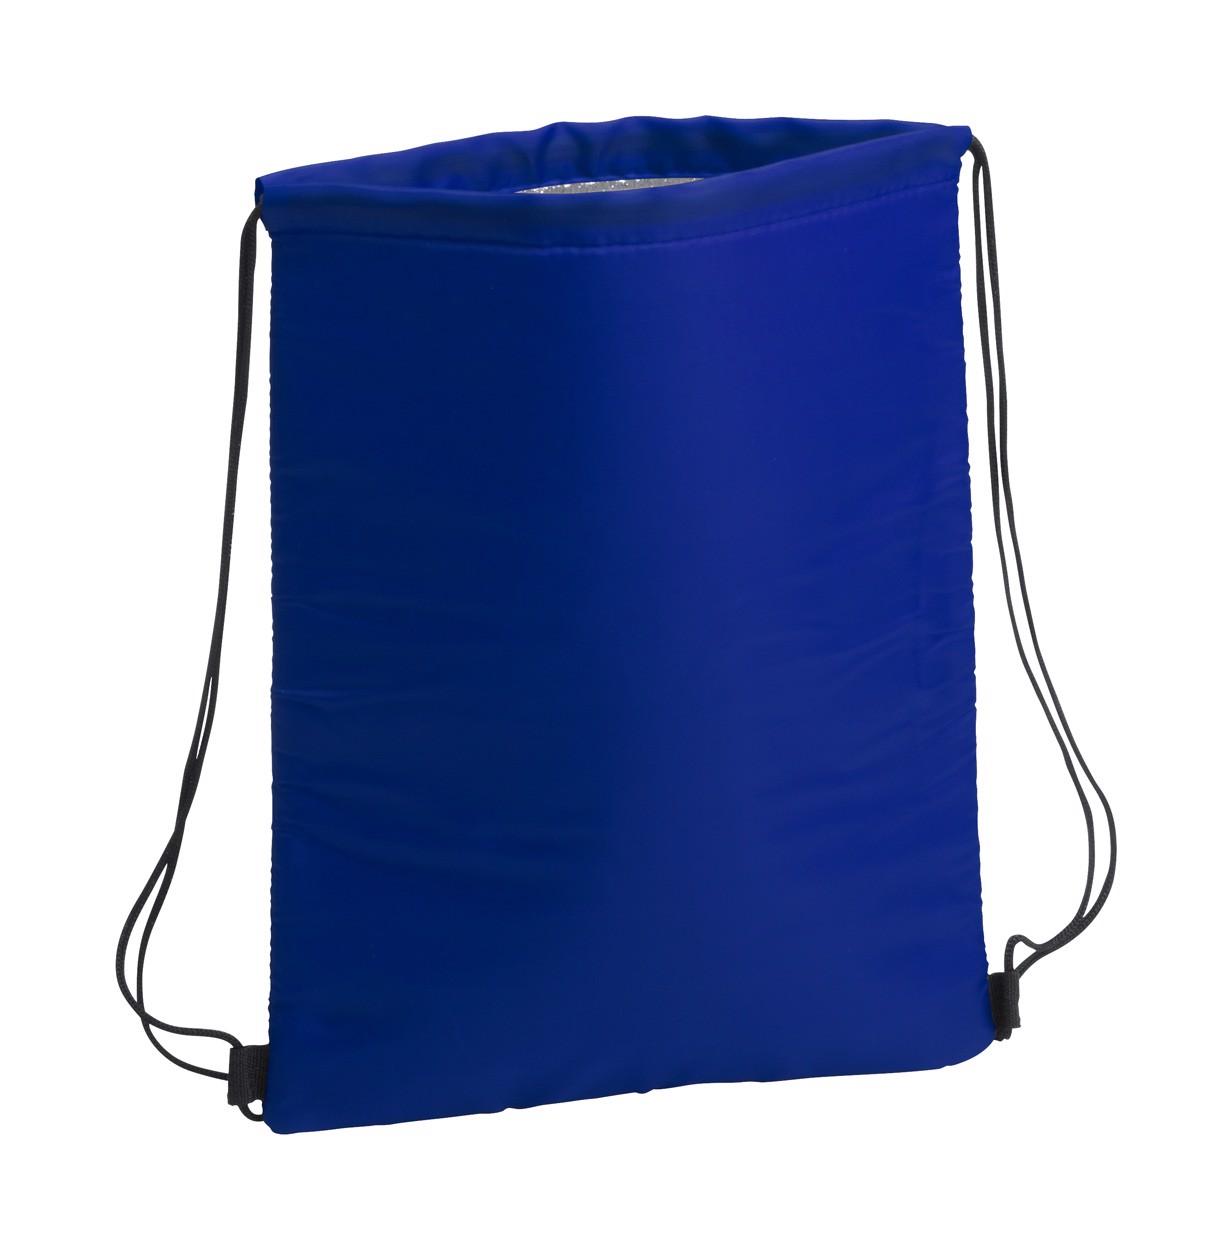 Chladící Vak Nipex - Modrá